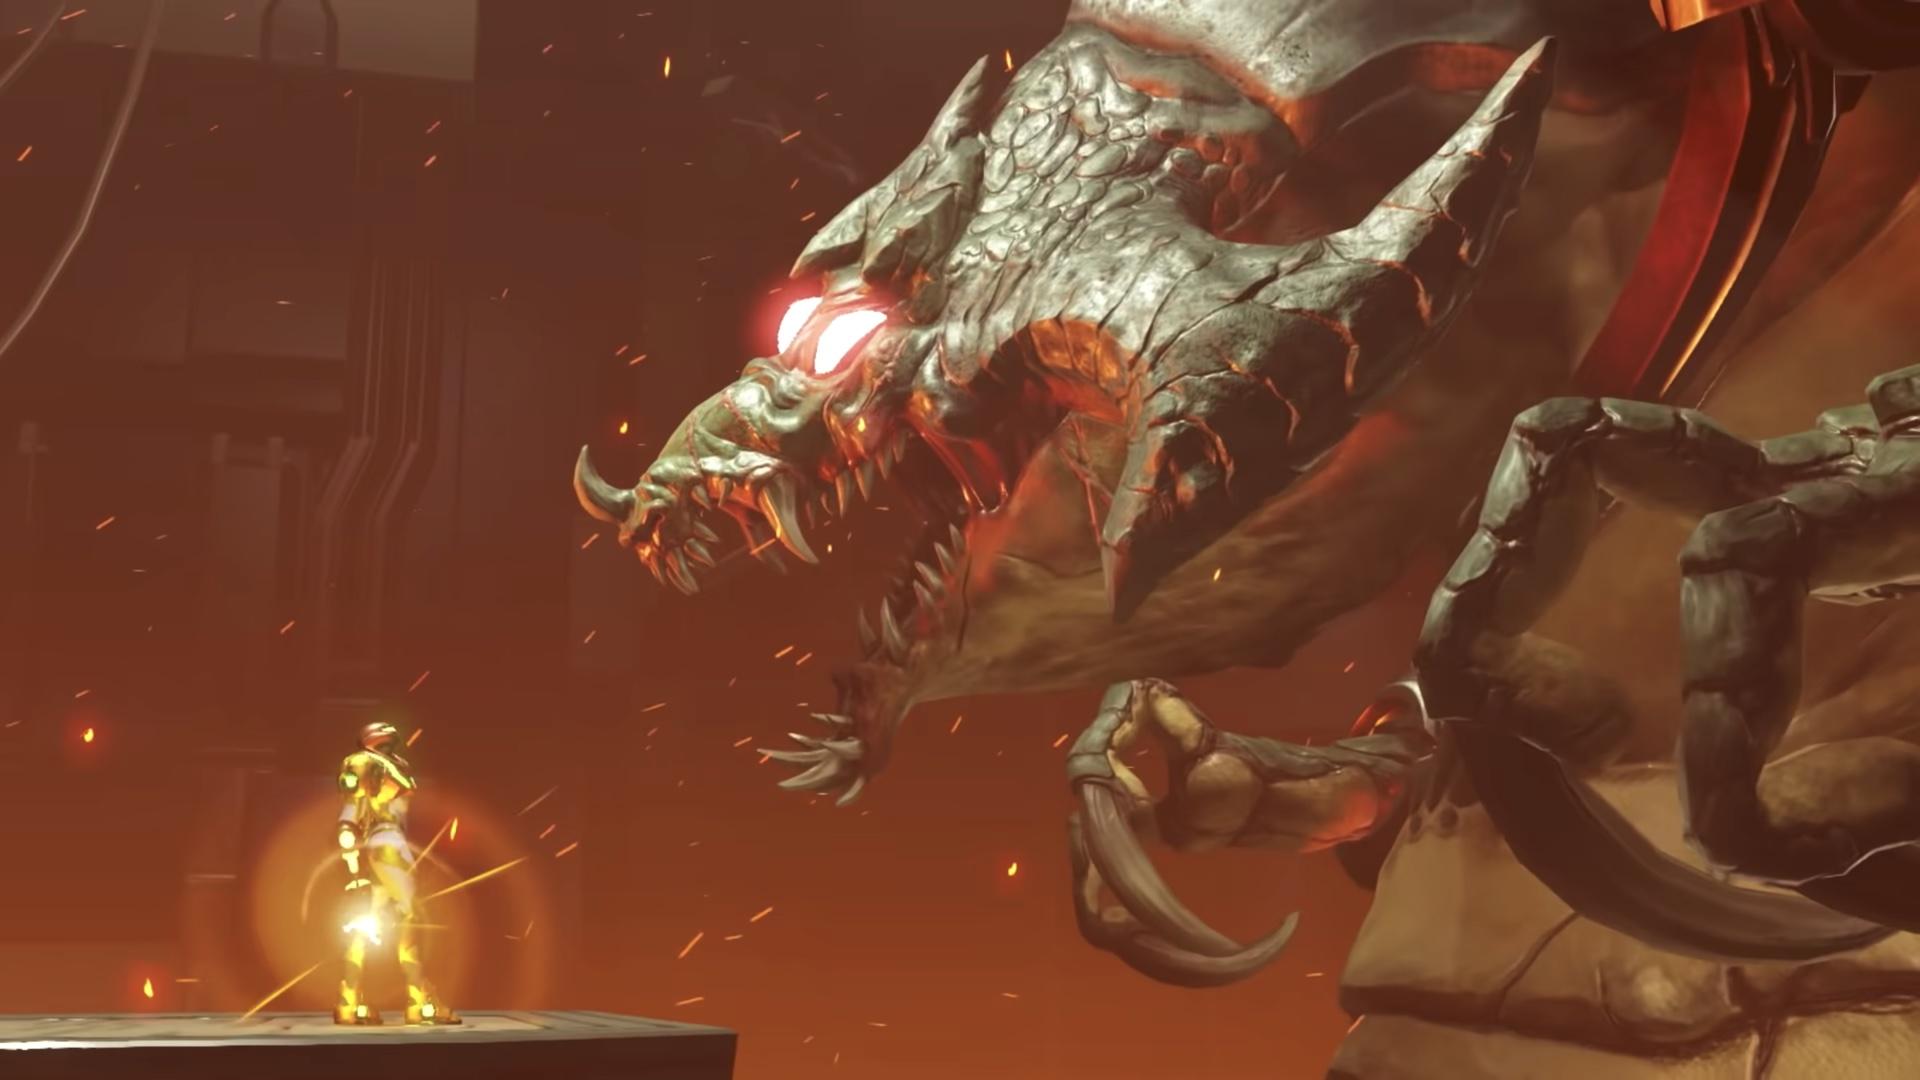 Samus Aran faces down a chained Kraid in Metroid Dread